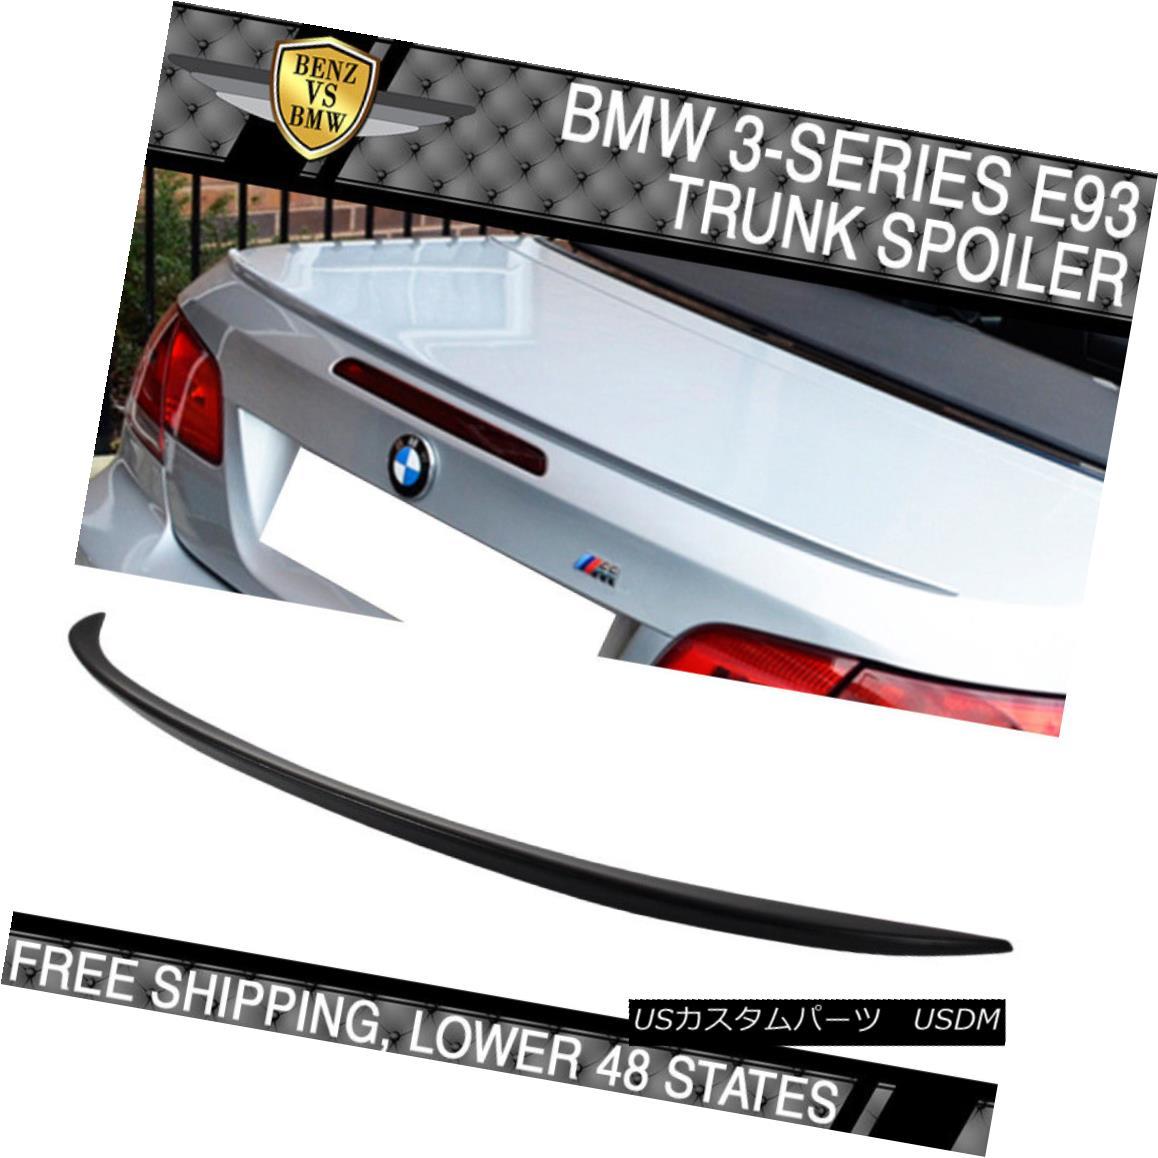 エアロパーツ 07-13 BMW 3 Series E93 2Dr Convertible M3 Style Unpainted ABS Trunk Spoiler 07-13 BMW 3シリーズE93 2DrコンバーチブルM3スタイル無塗装ABSトランク・スポイラー